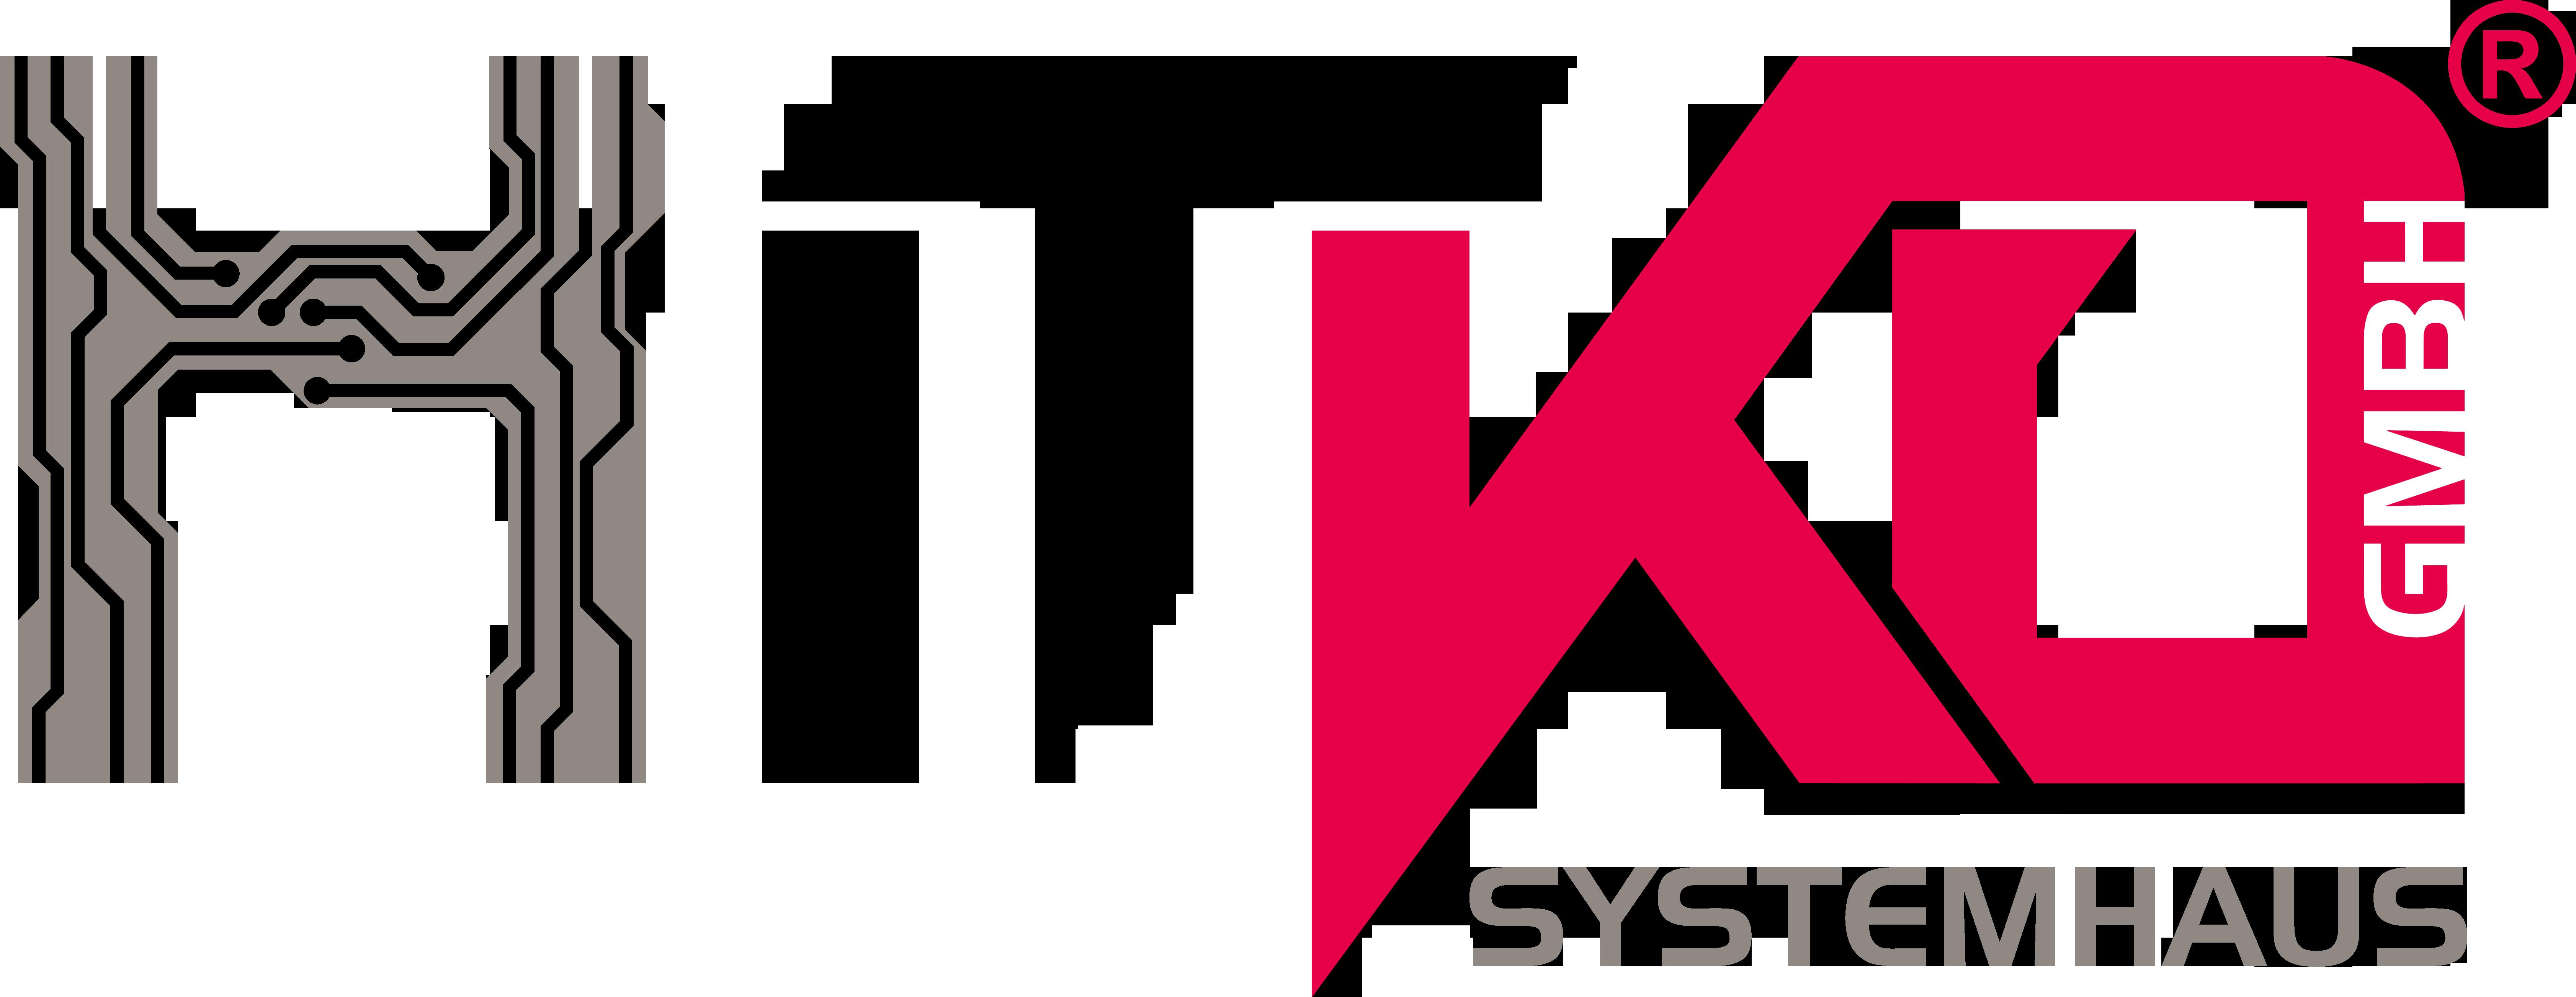 HITKO® Systemhaus GmbH